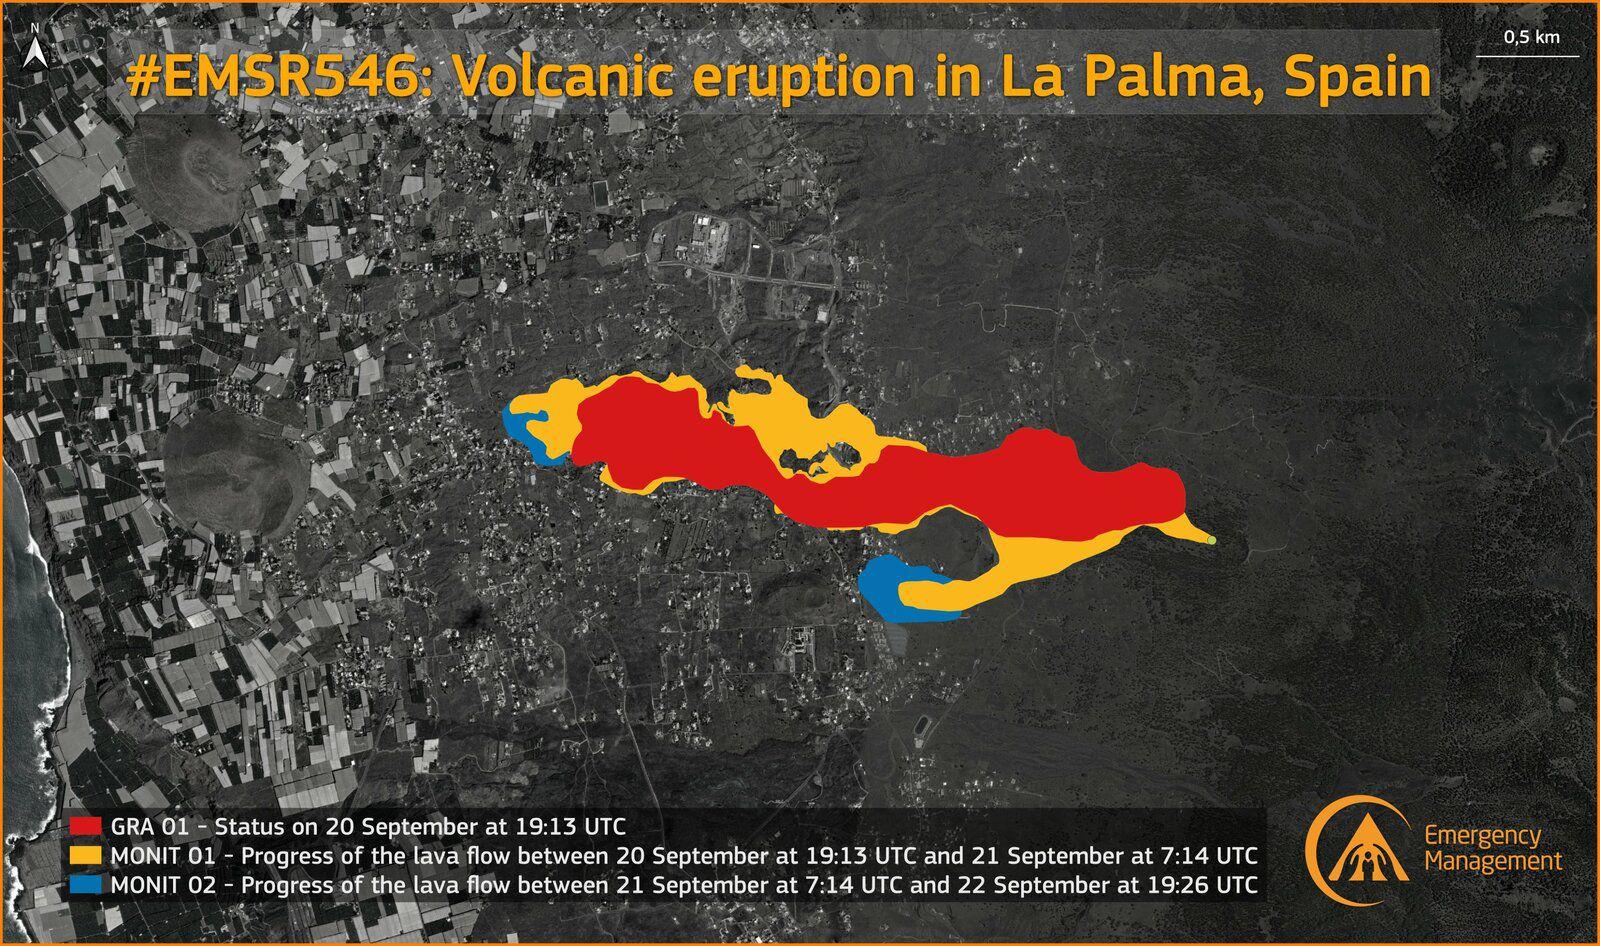 La Palma - évolution des coulées de l'éruption de la Cumbre Vieja - image 22.09.2021 / Copernicus  Rapid Mapping Team /Using COSMO-SkyMed radar imagery